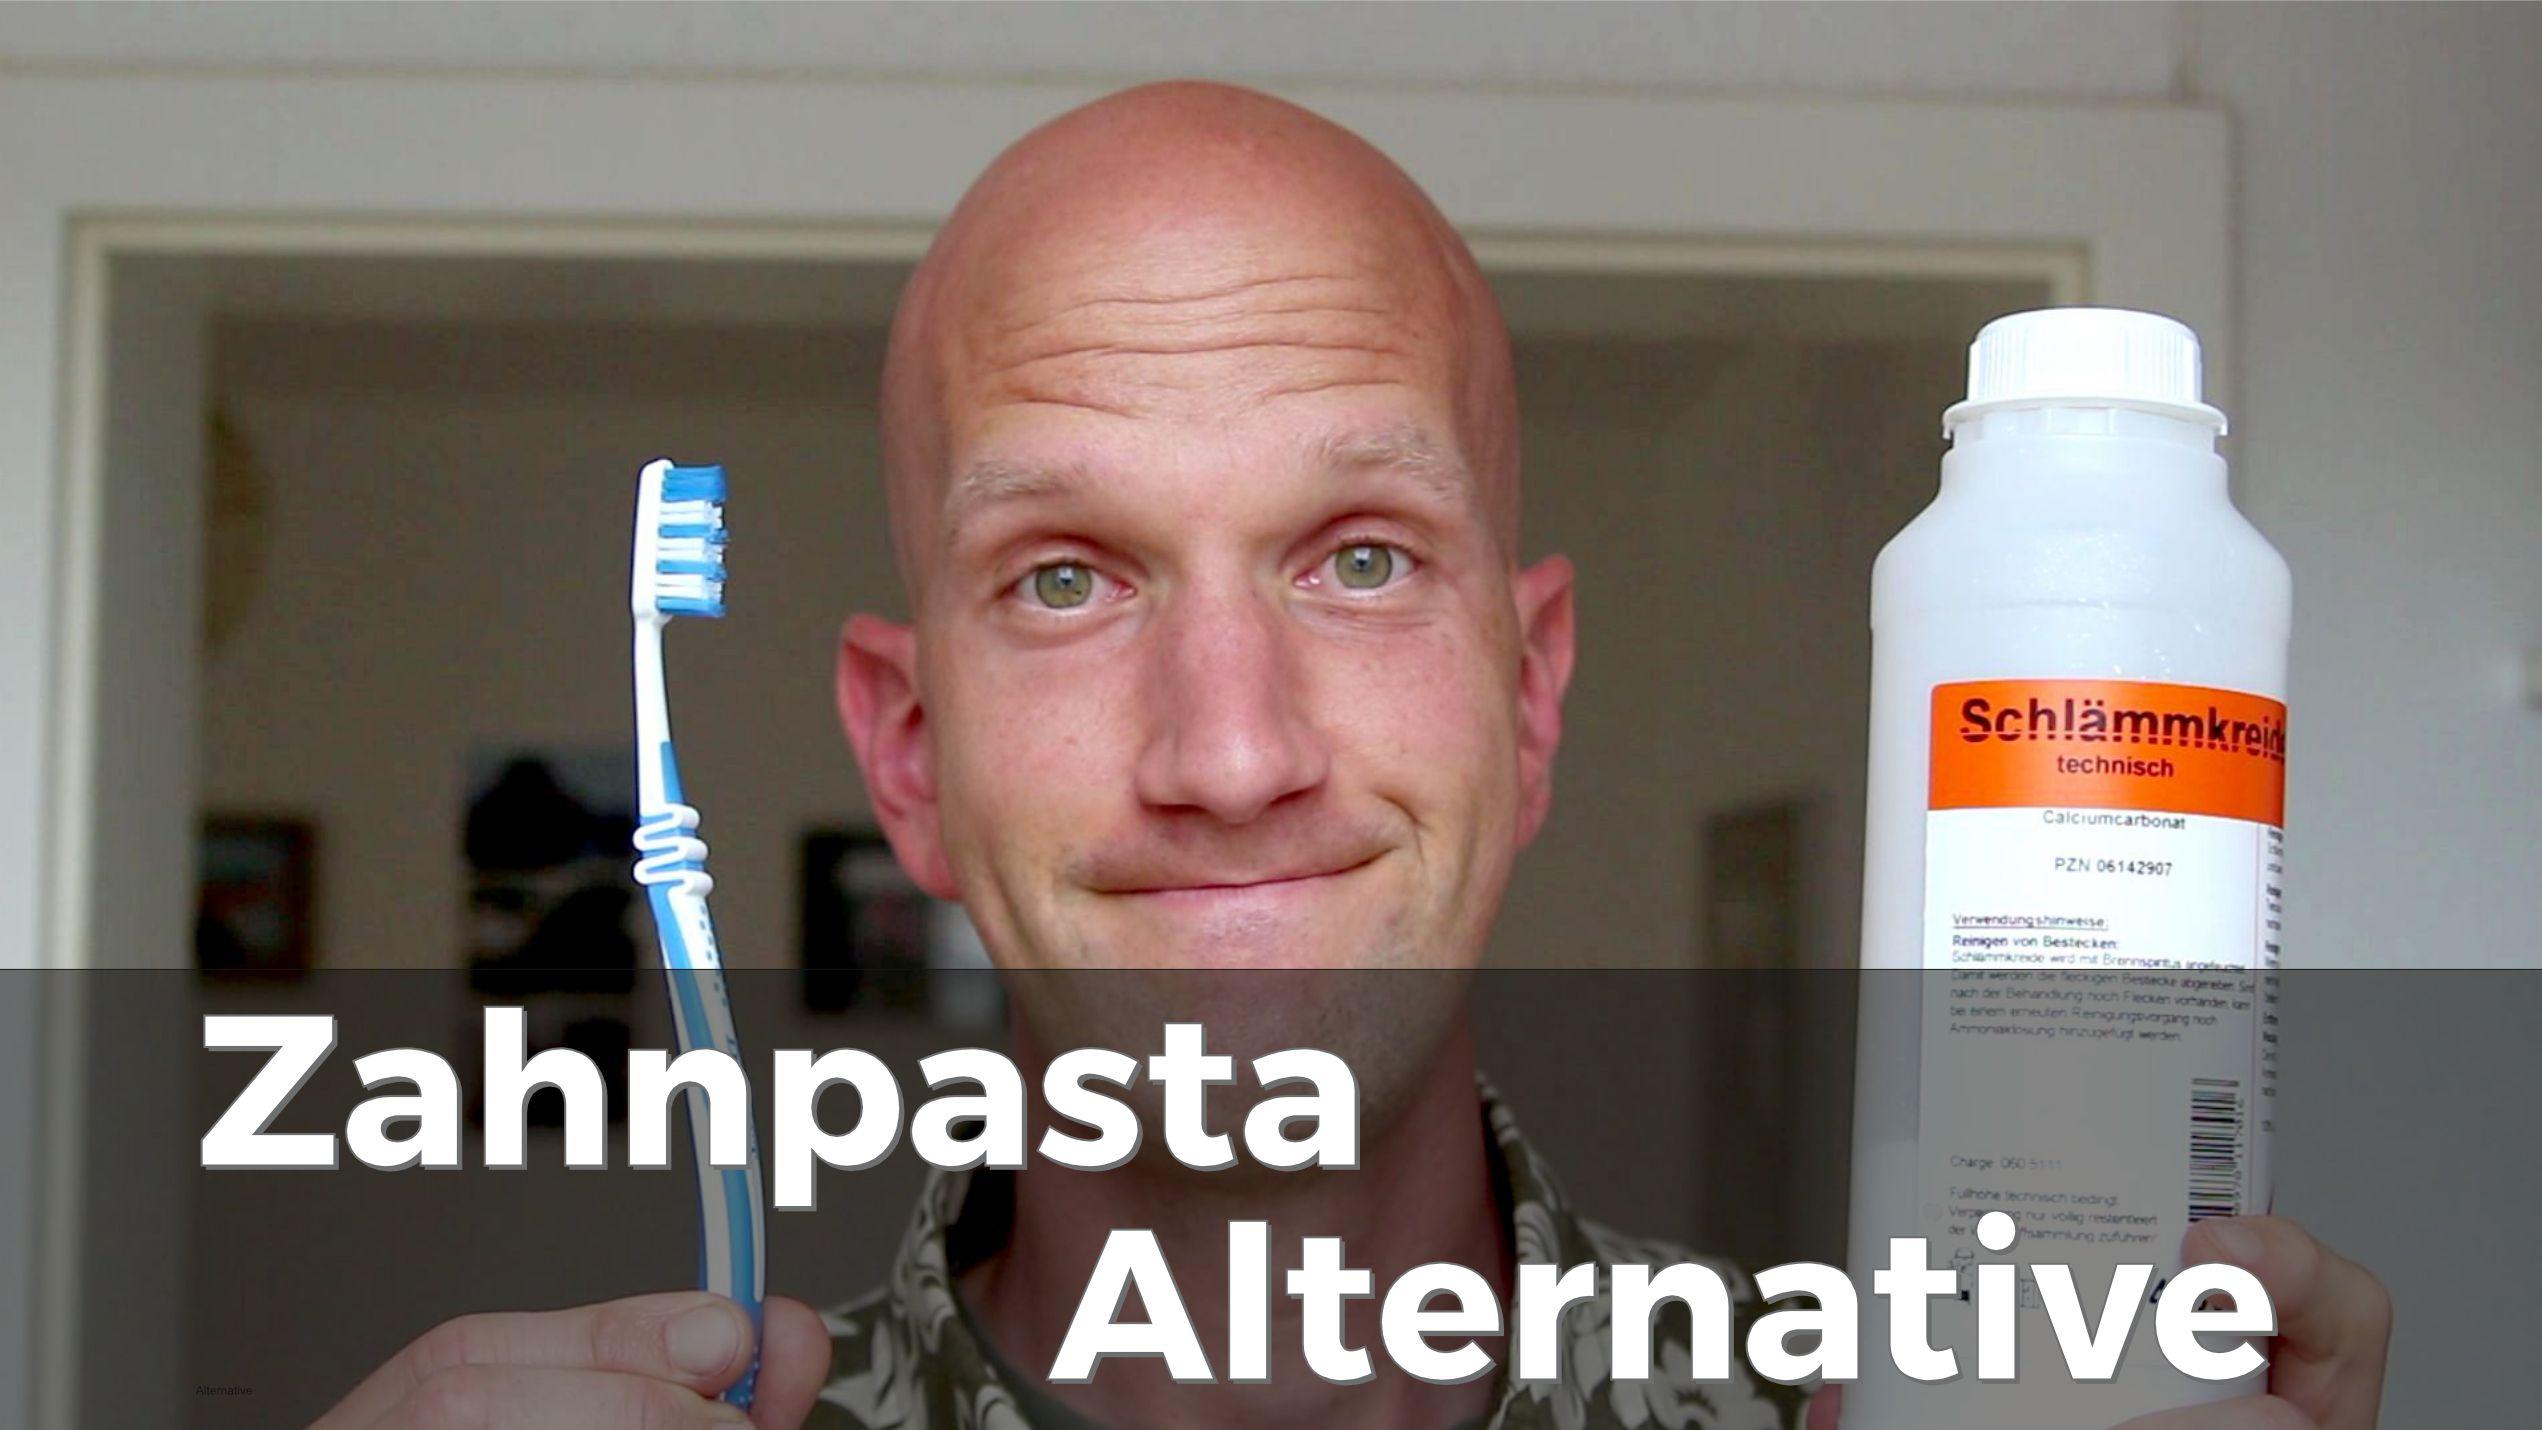 Eine Zahnpasta Alternative